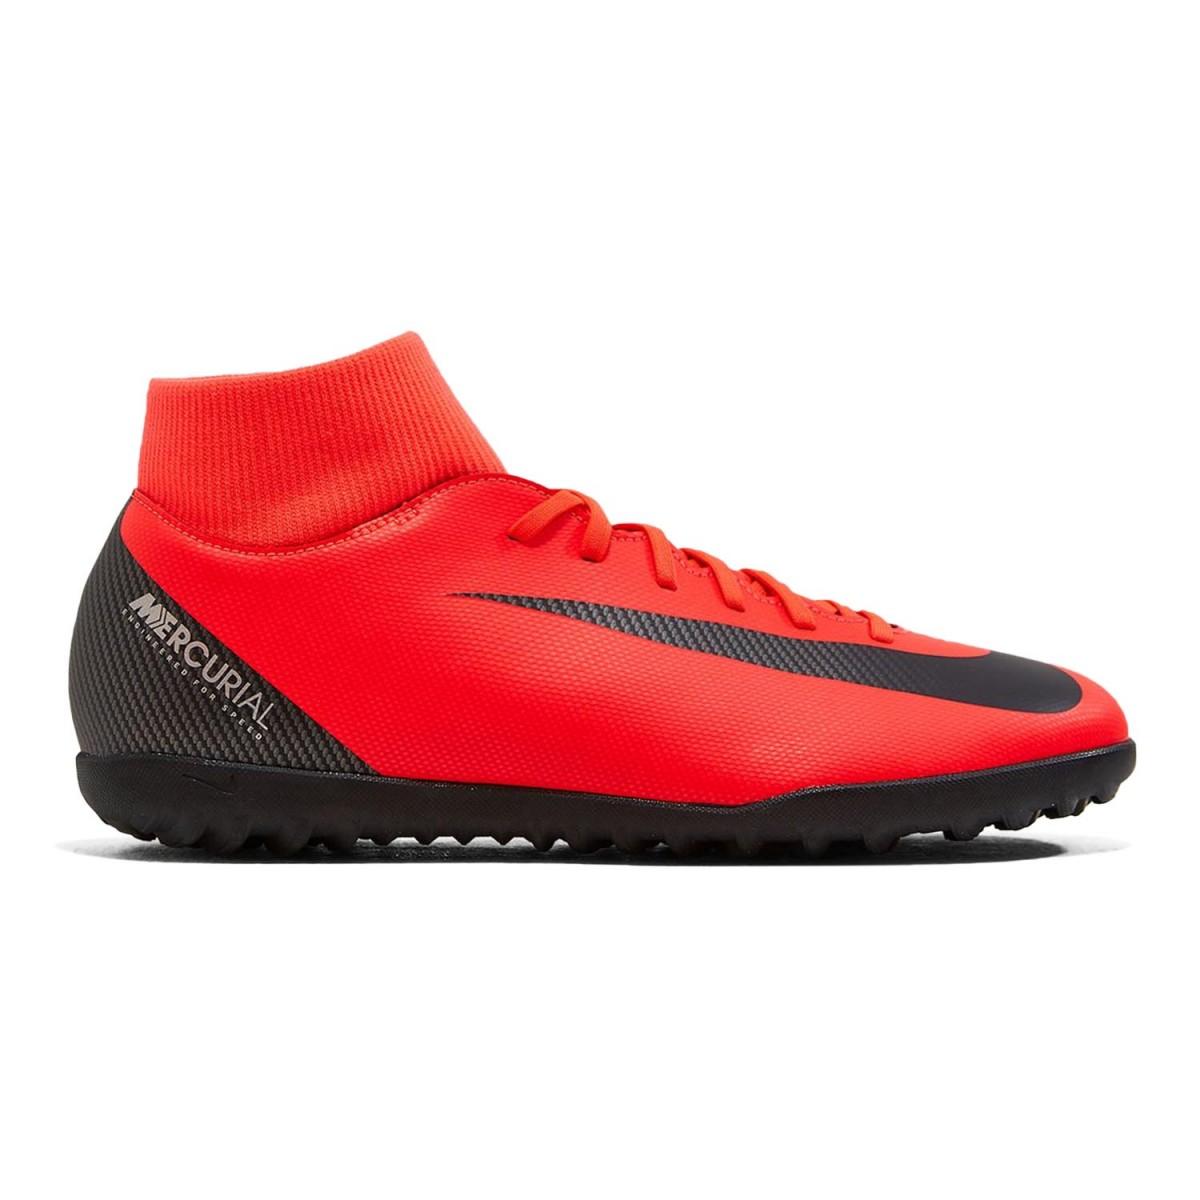 212936263cbda Botines Nike Cr7 Superflyx 6 Club Tf - Botines - Hombre